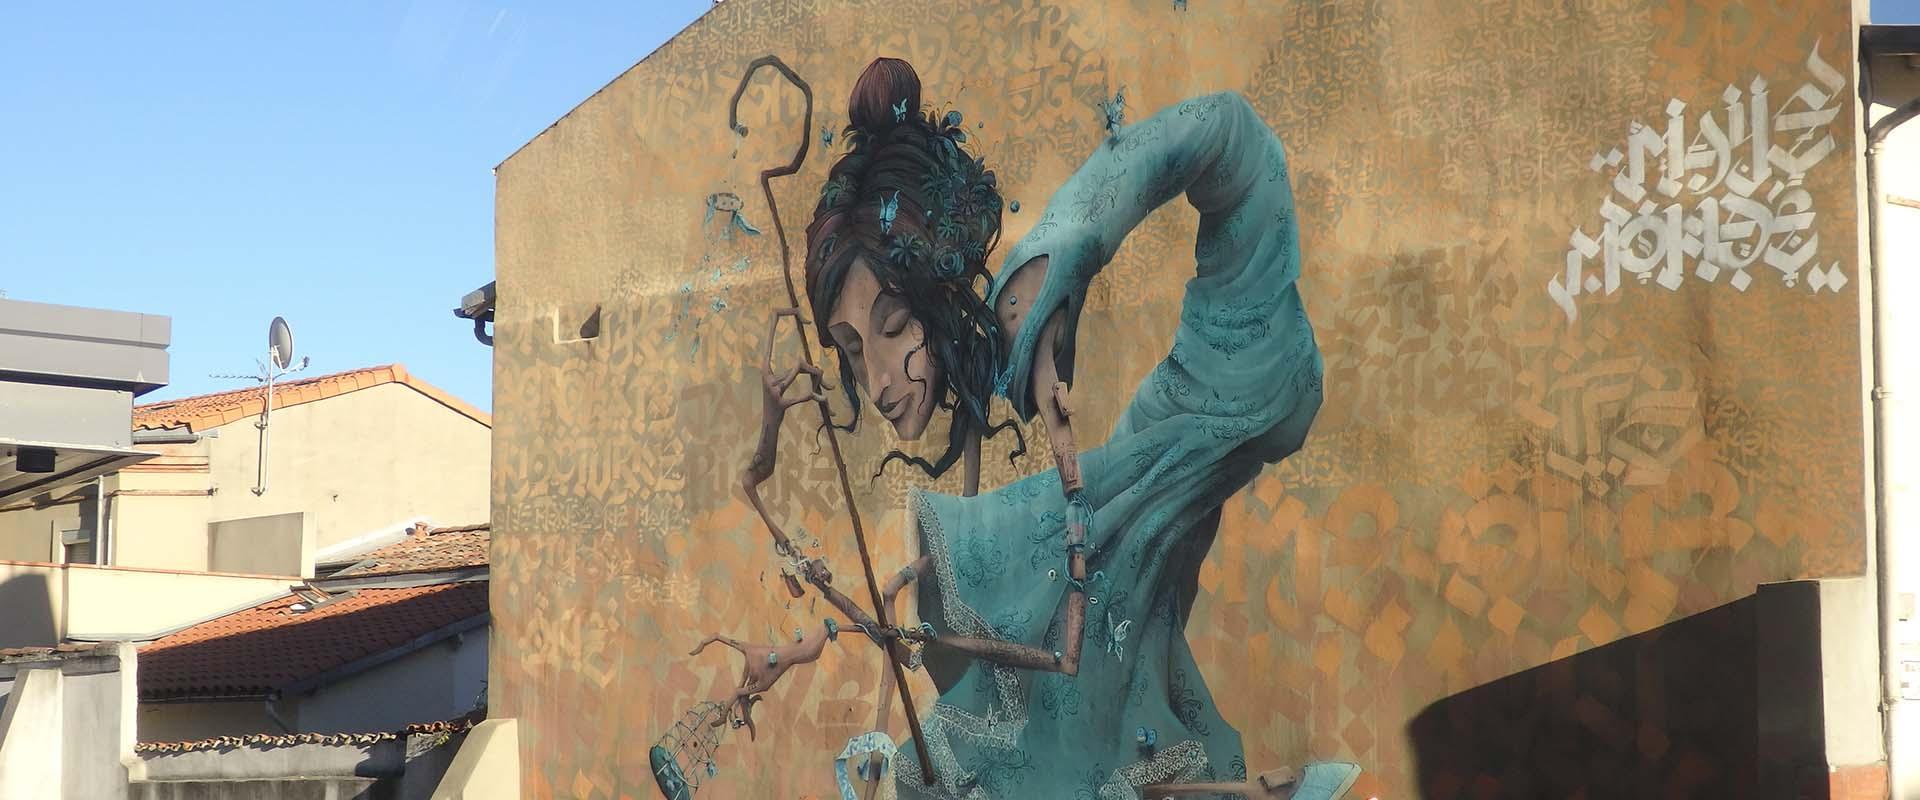 Visiter Toulouse, ville de street art